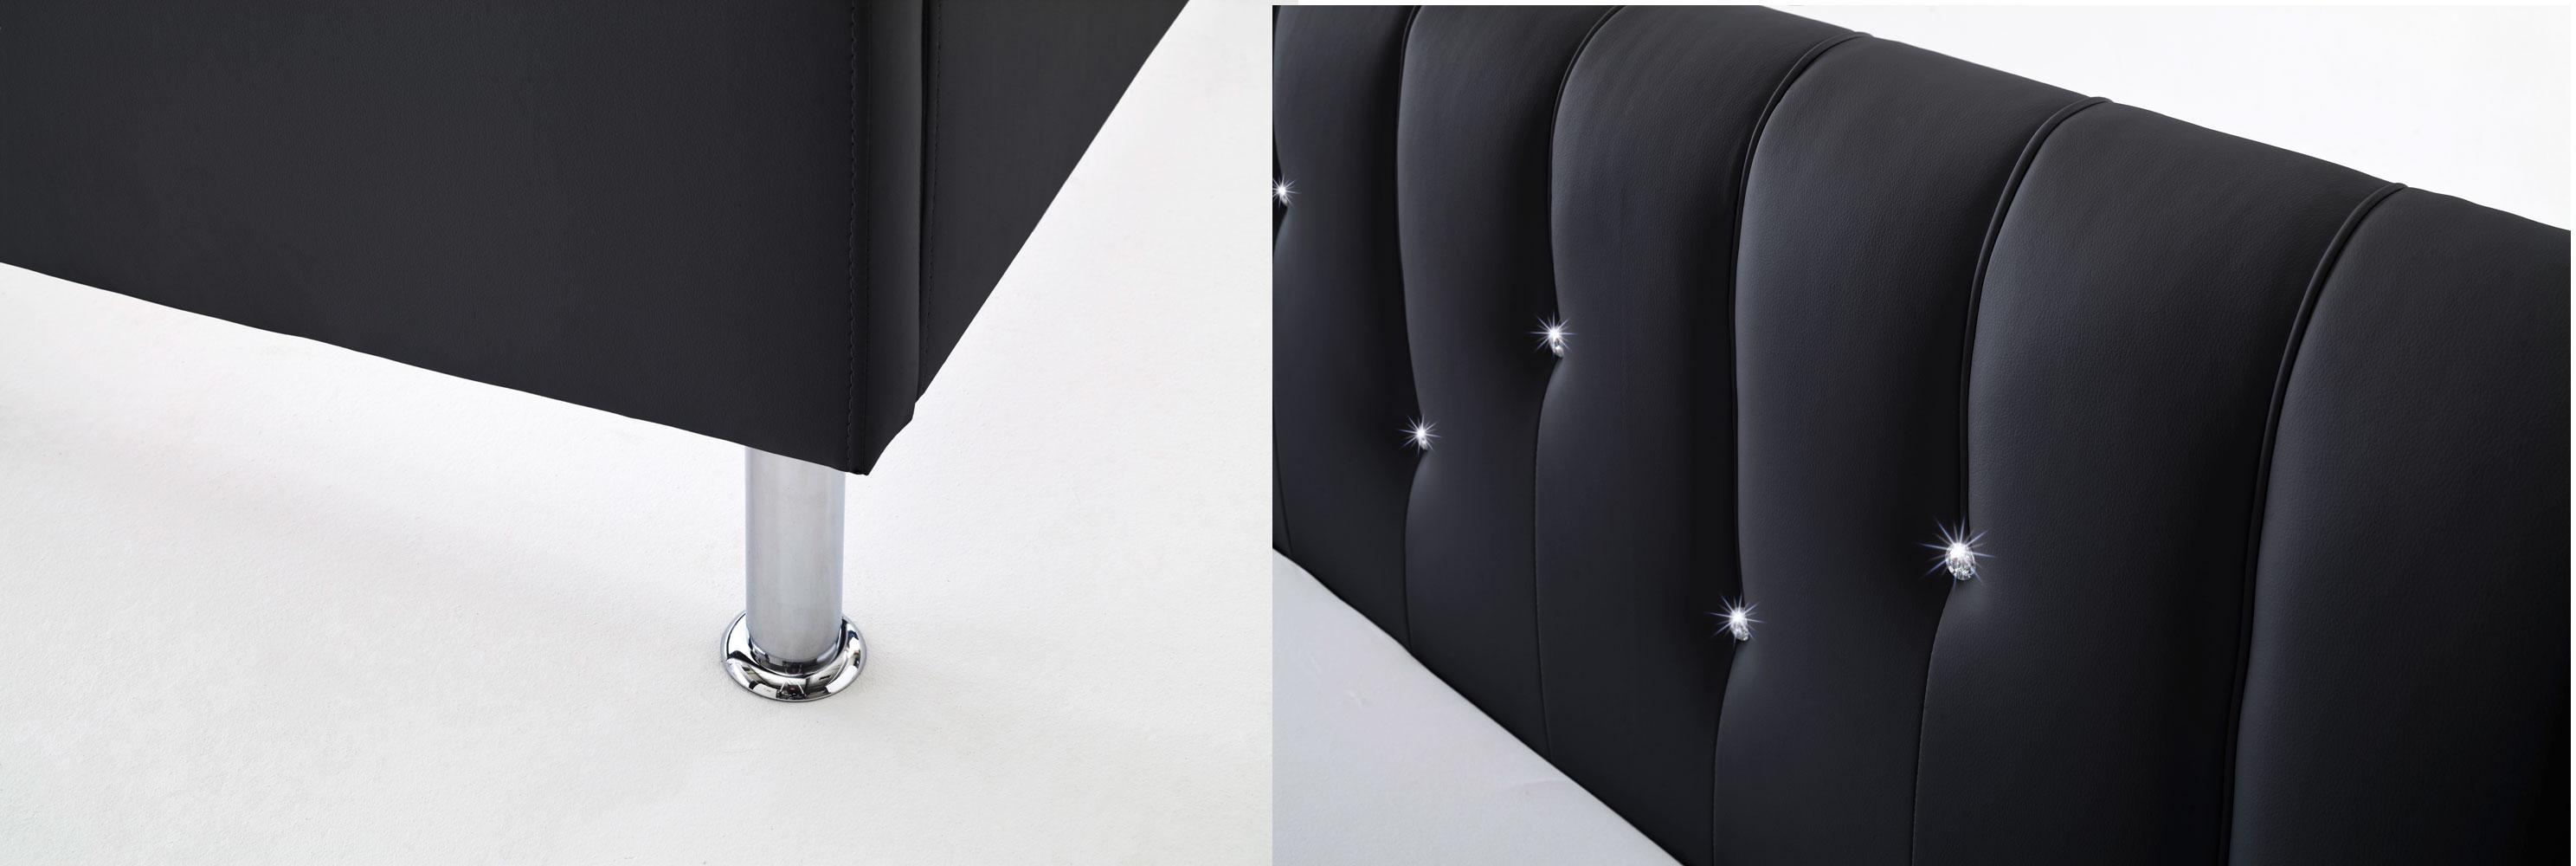 Meise Rapido Polsterbett schwarz Details